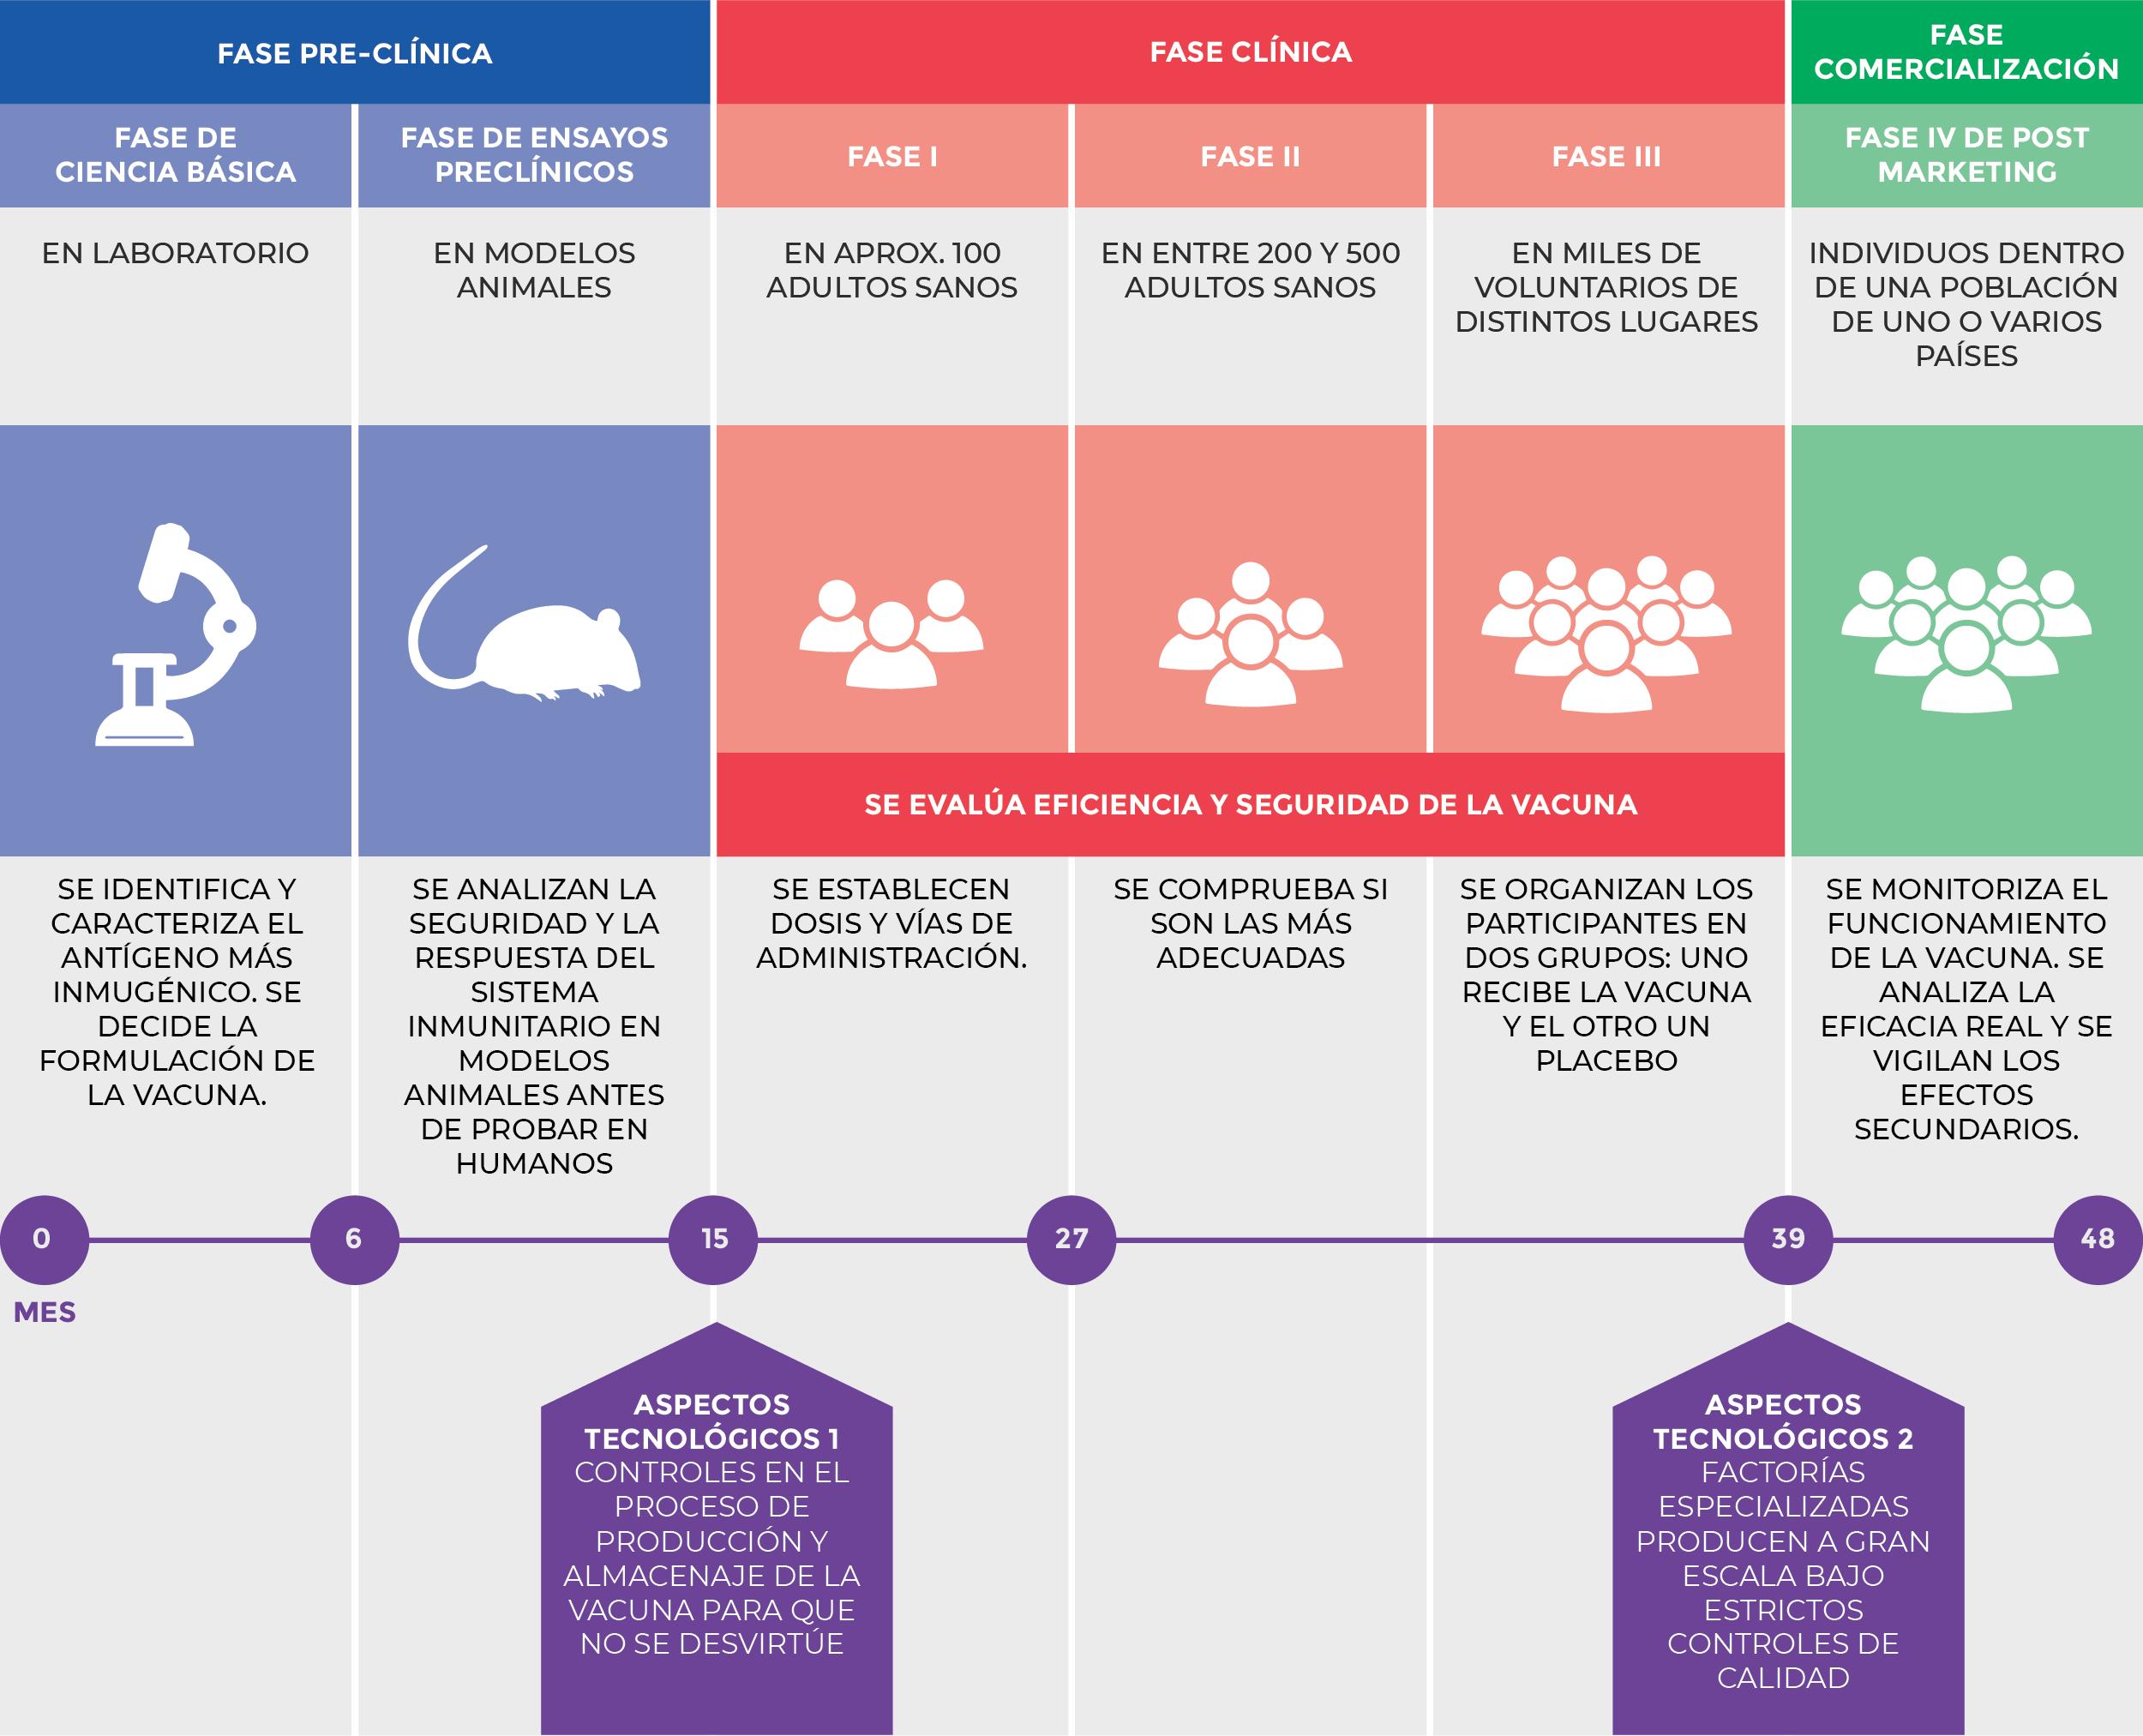 Gráfico etapas del desarrollo de las vacunas